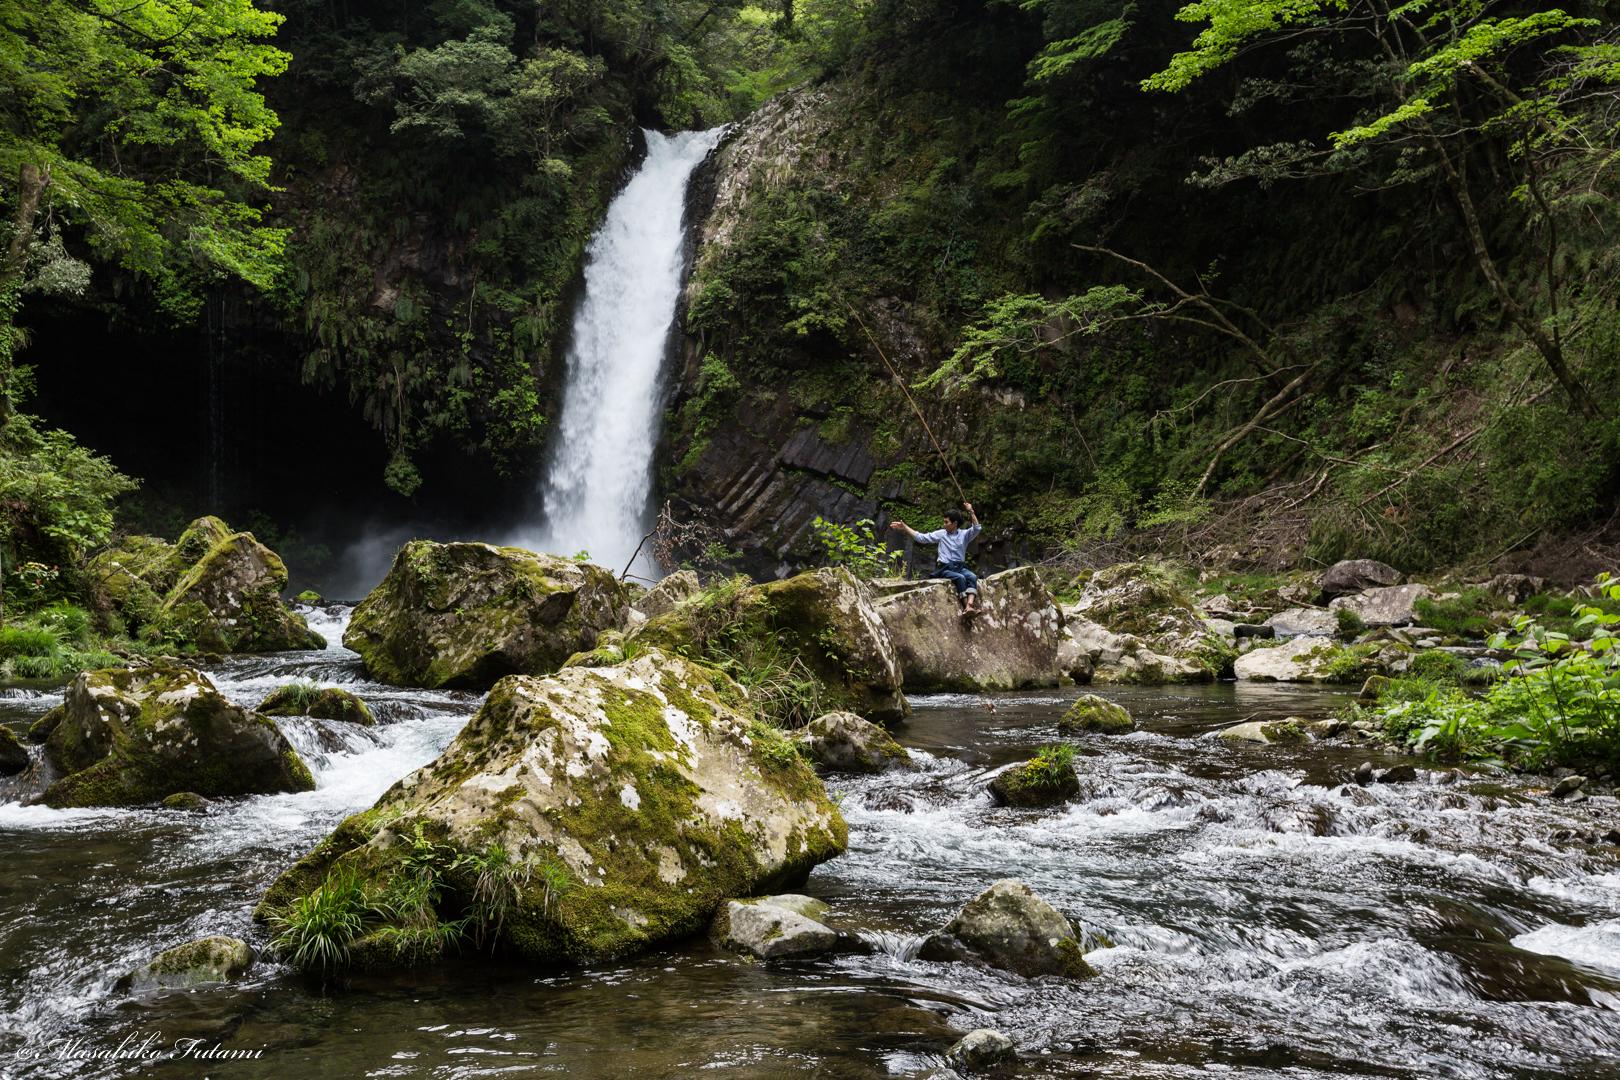 Joren'notaki Waterfall and Angler